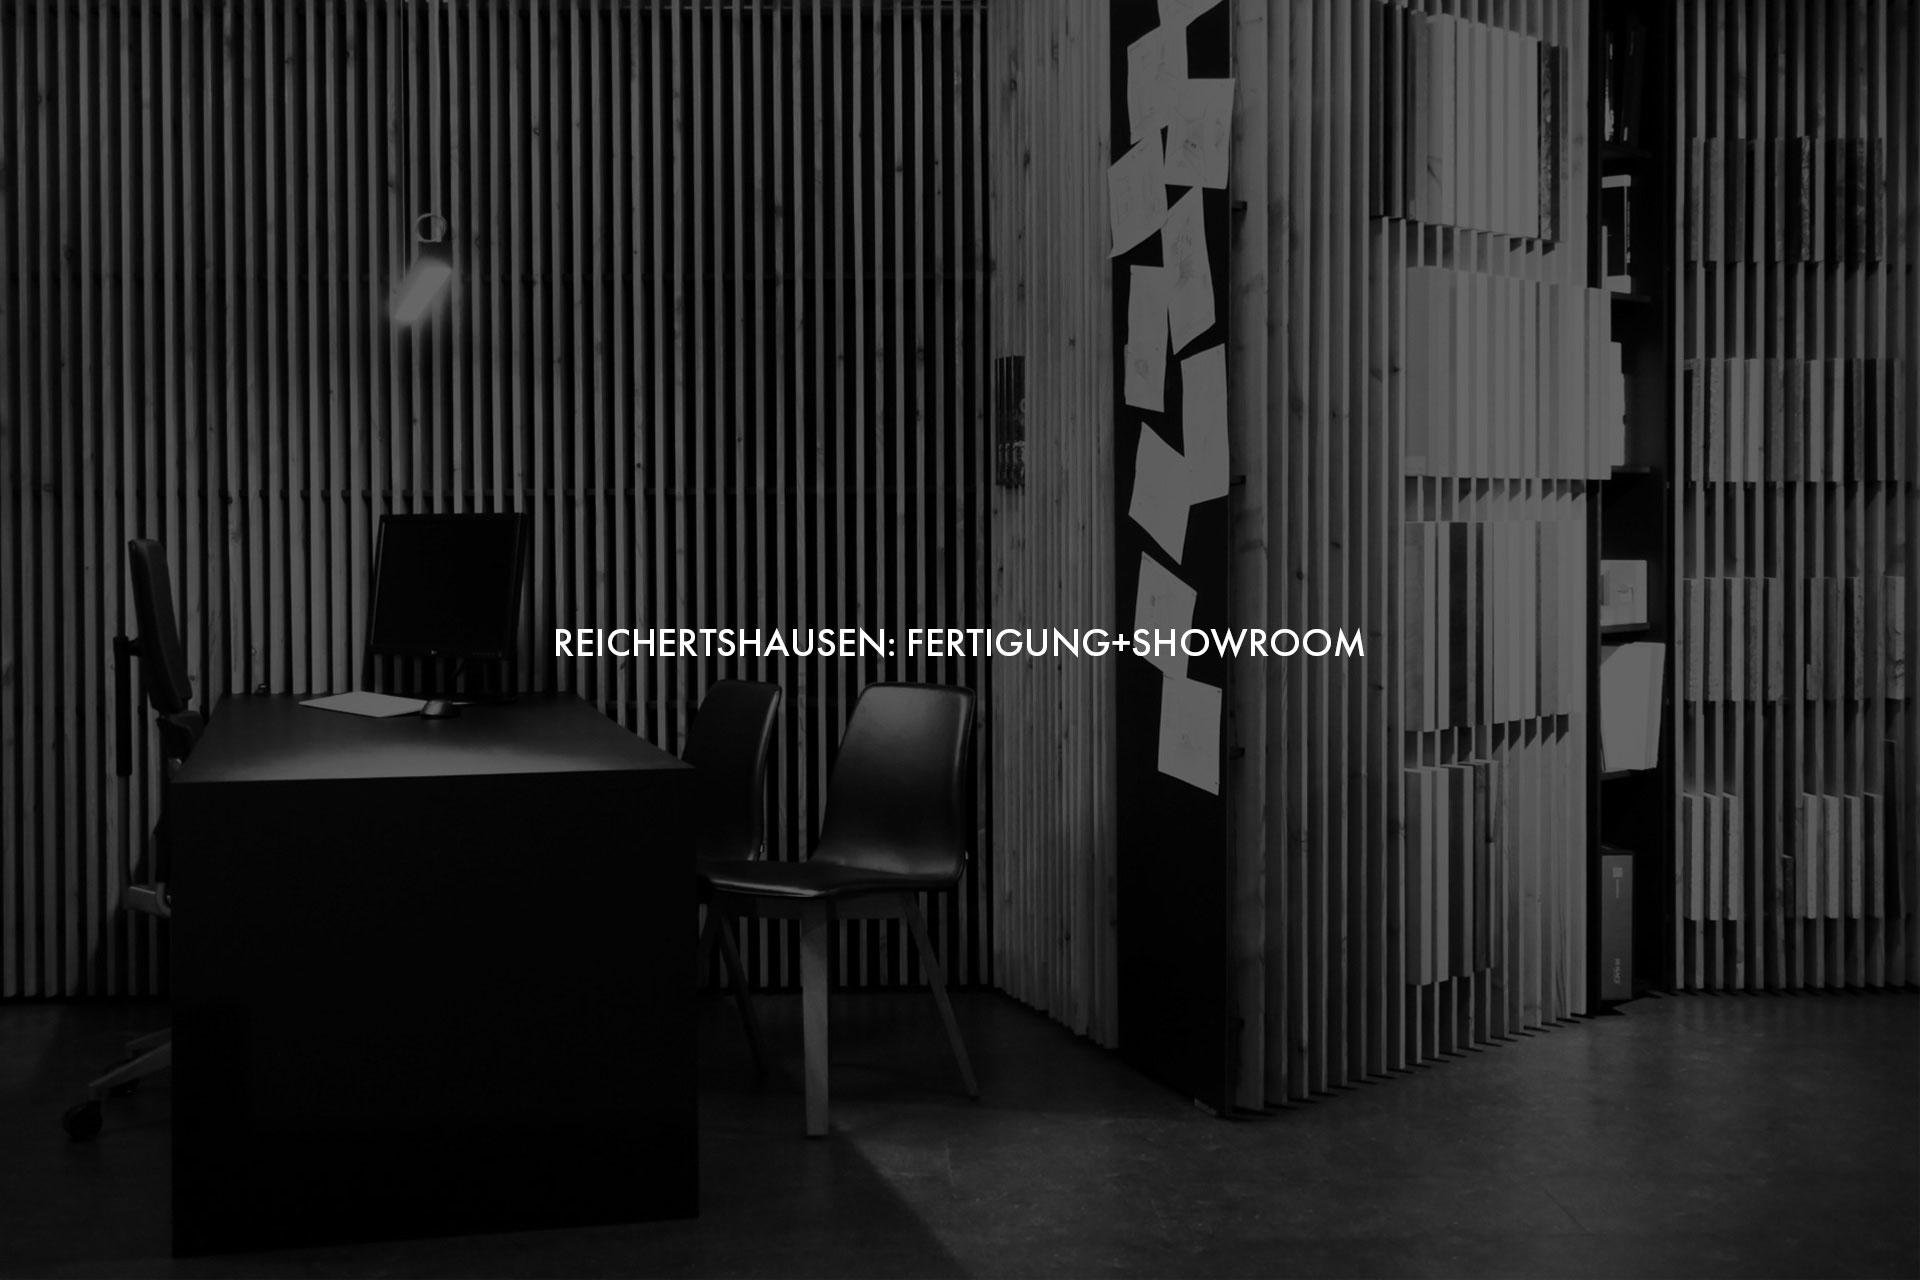 """Showroom von Schreinerei und Planungsbüro VOIT in Reichertshausen + Schriftzug im Bild """"Reichertshausen: Fertigung + Showroom"""" - Bild in schwarz-weiß"""